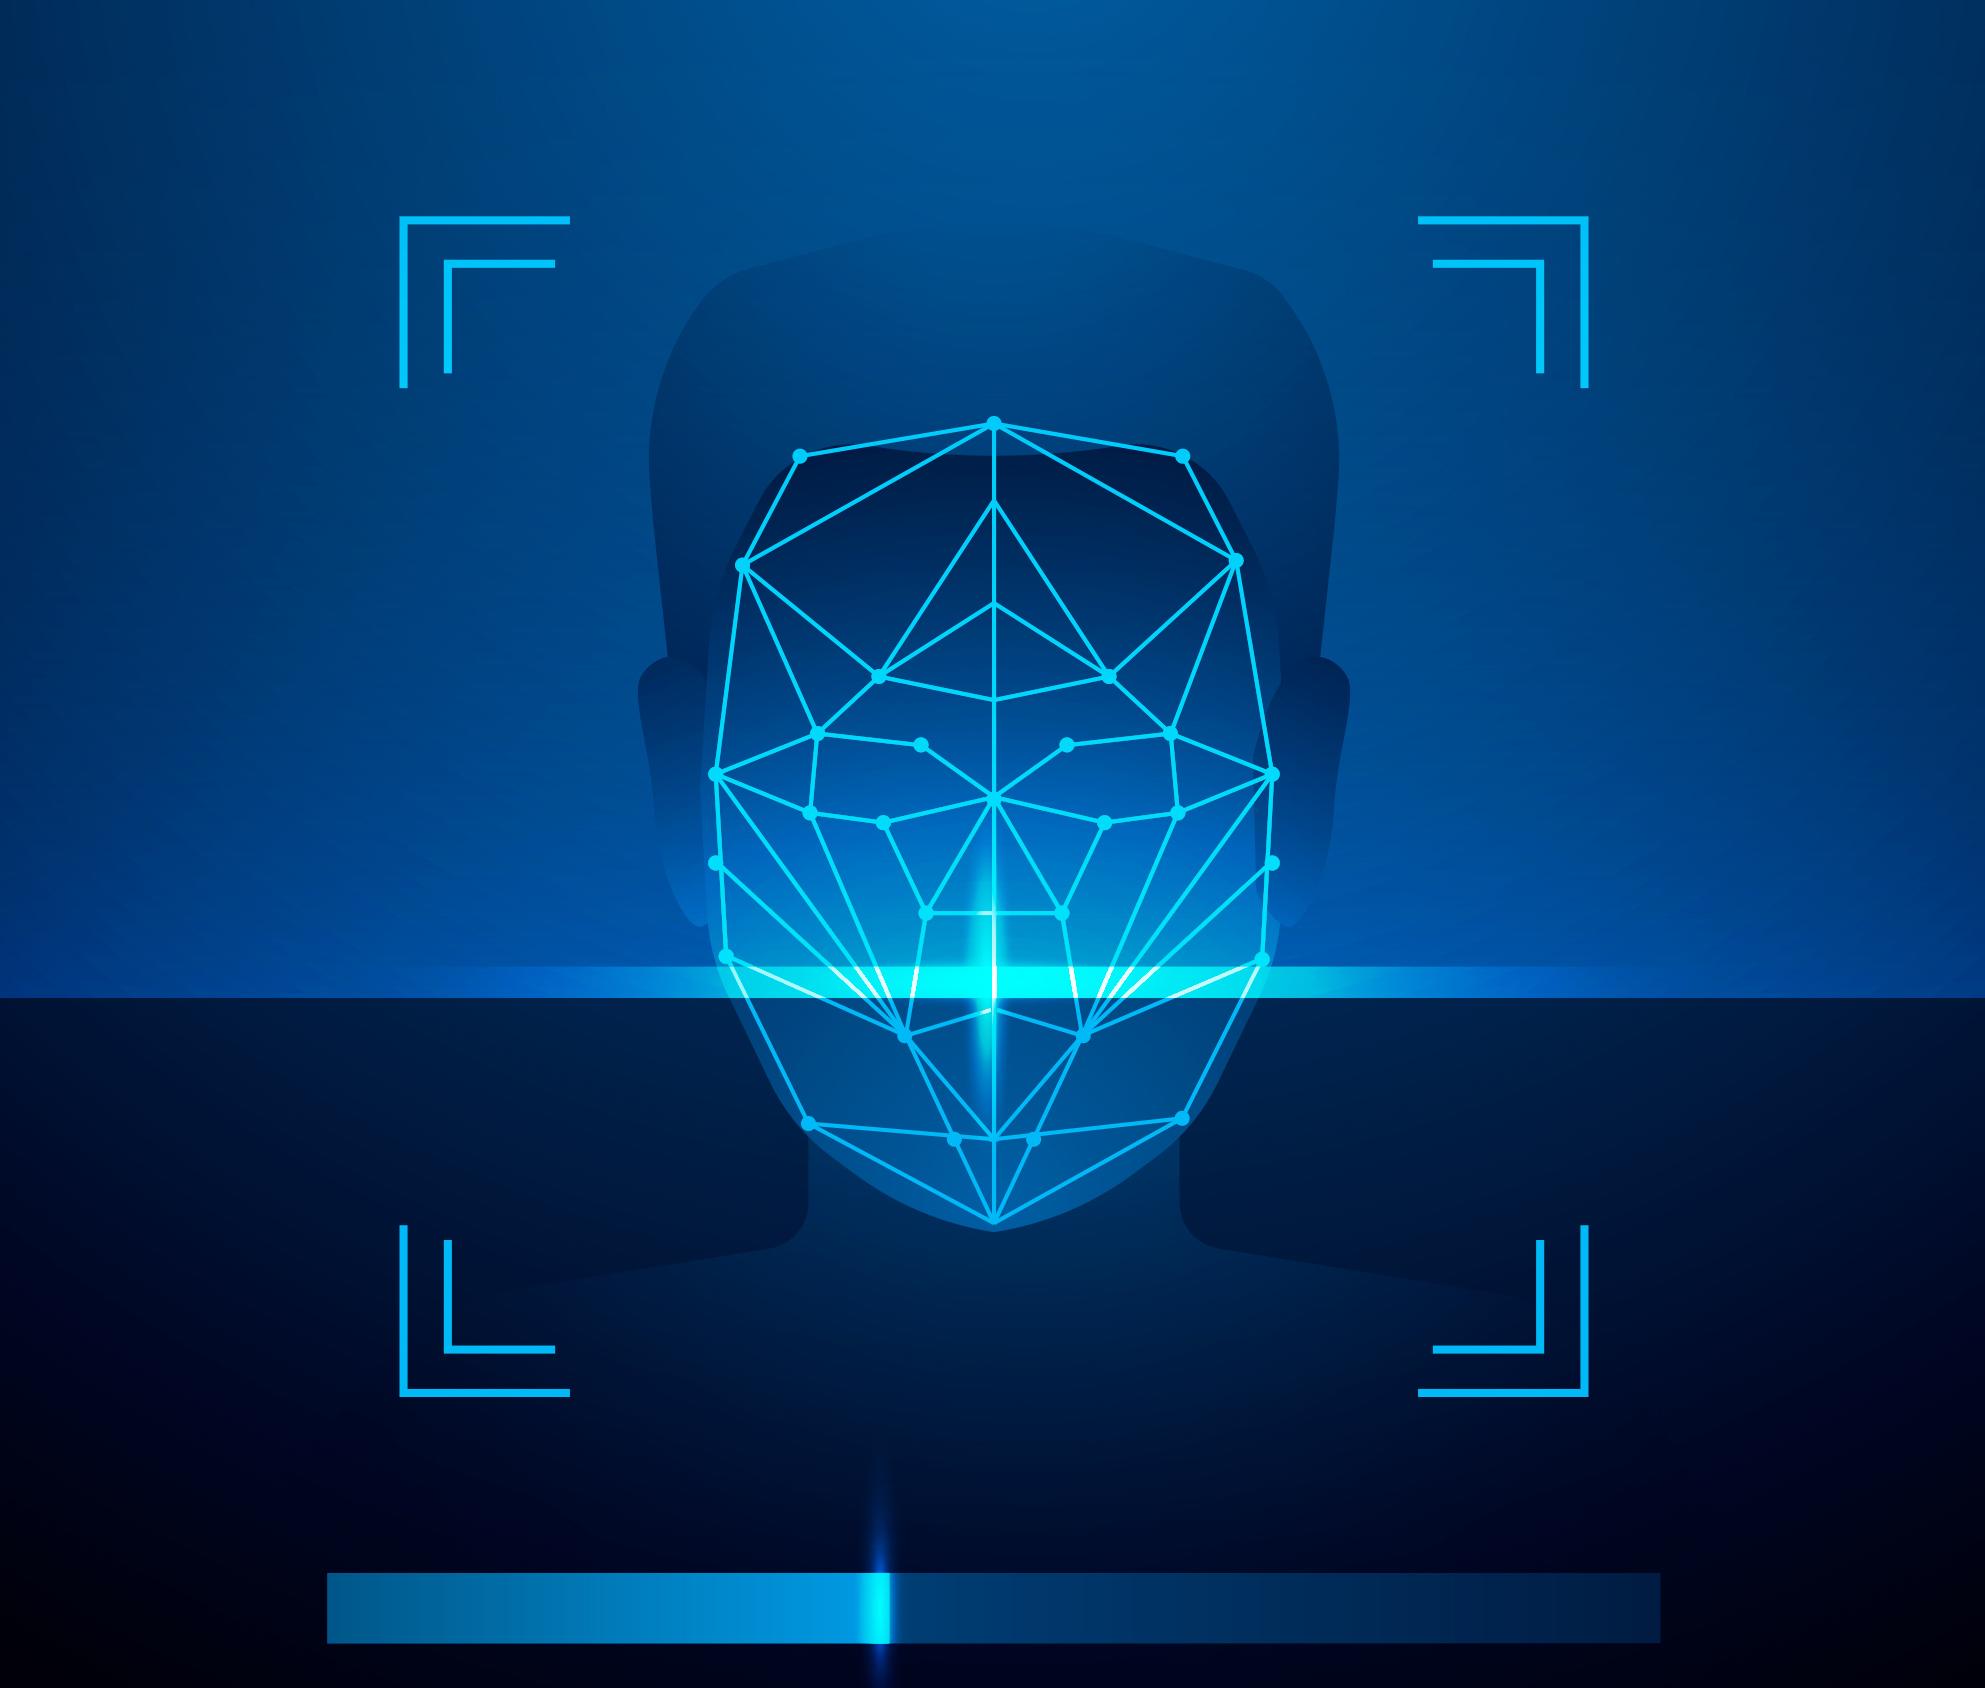 analisi linee viso per riconoscimento facciale